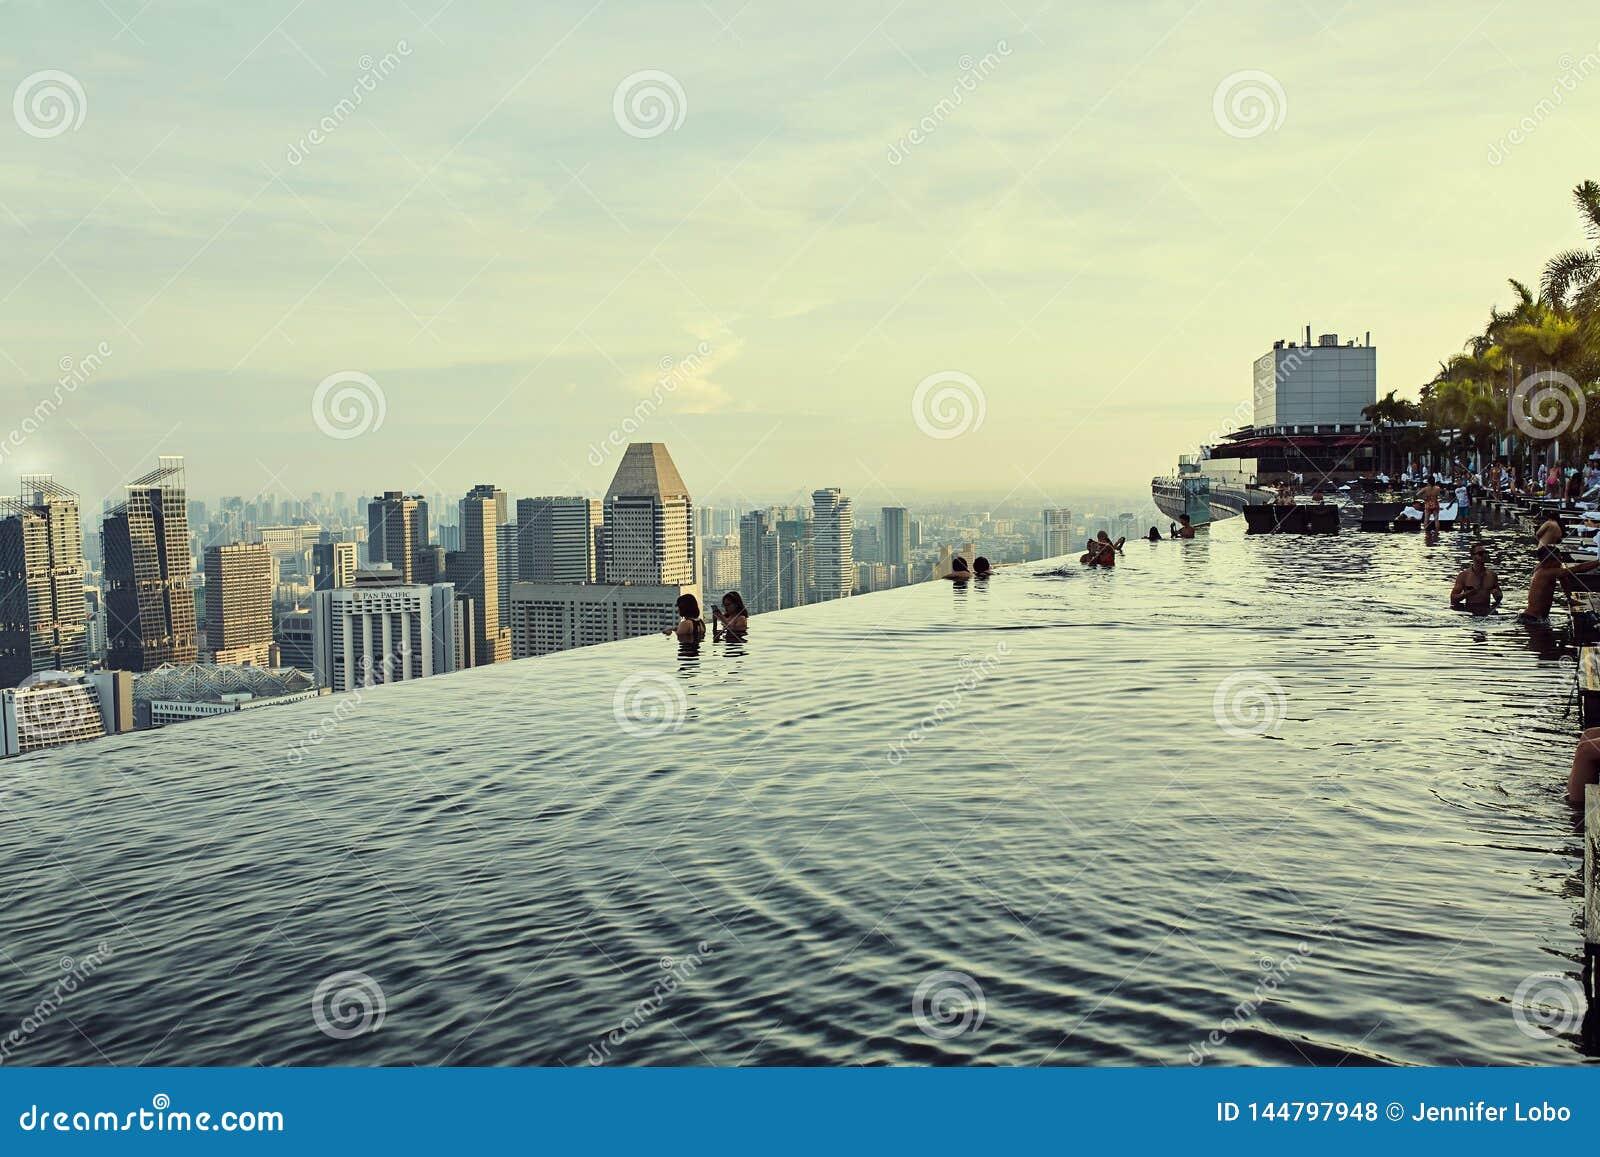 De meningen van de oneindigheidspool over stad in Singapore